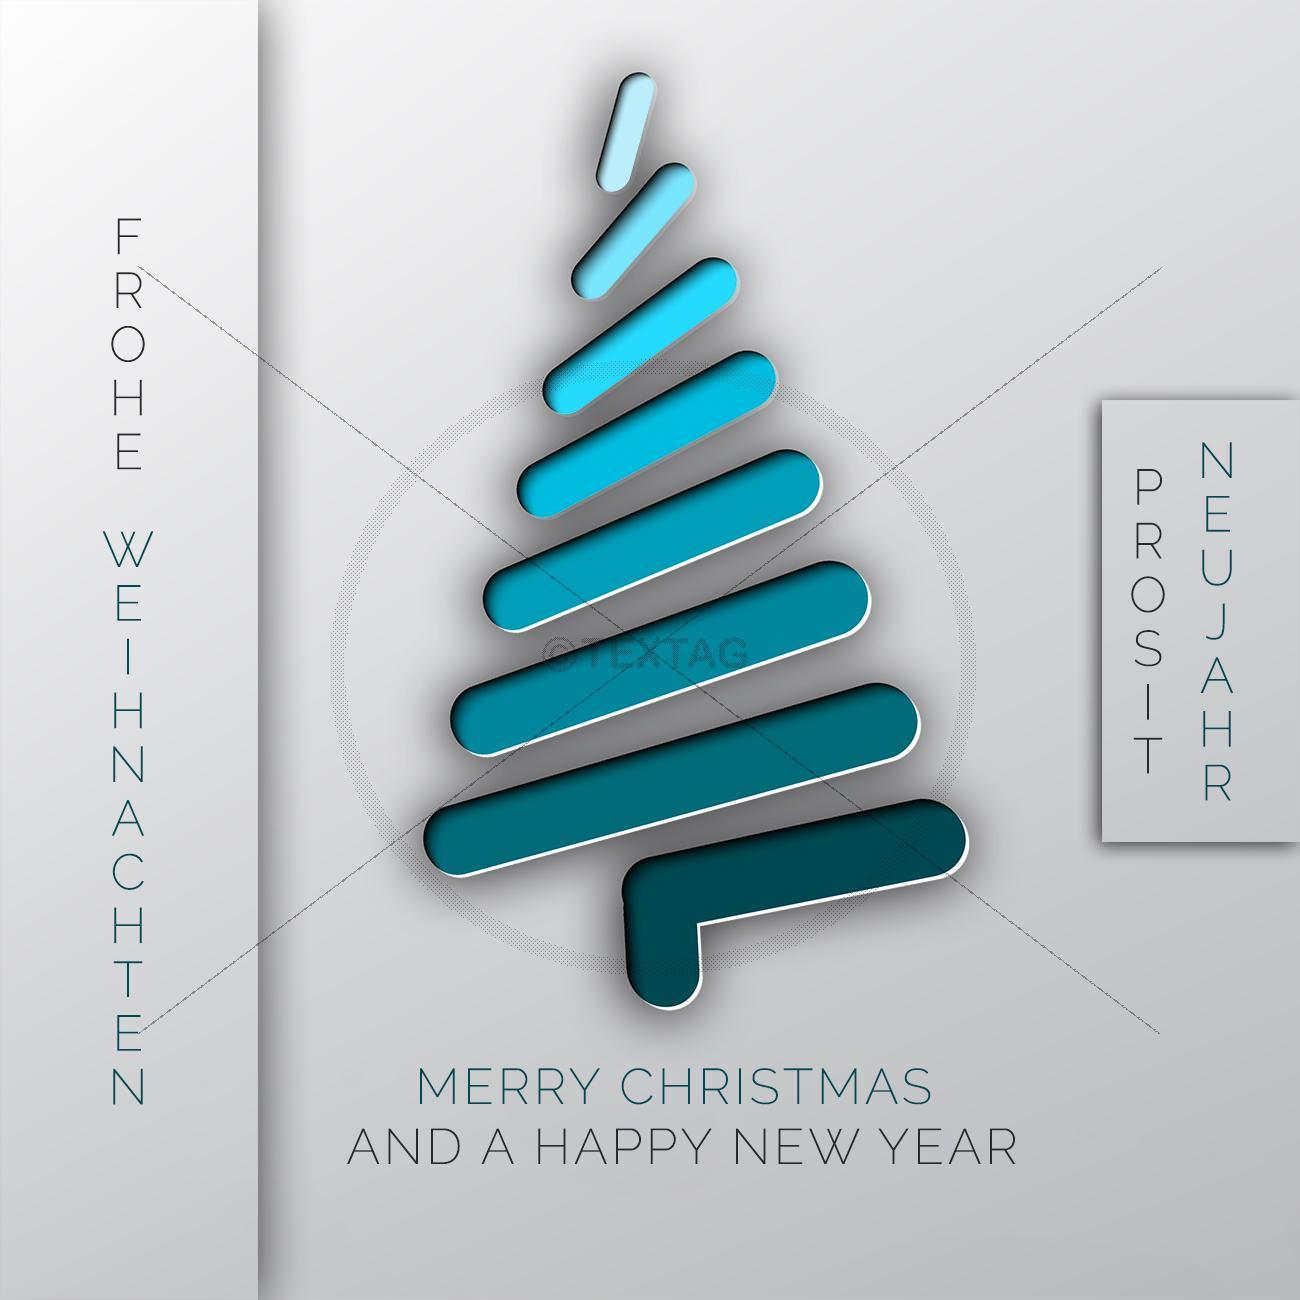 Stylische Weihnachtskarten.Extravagante Stylische Digitale Weihnachtskarte Ohne Werbung 383